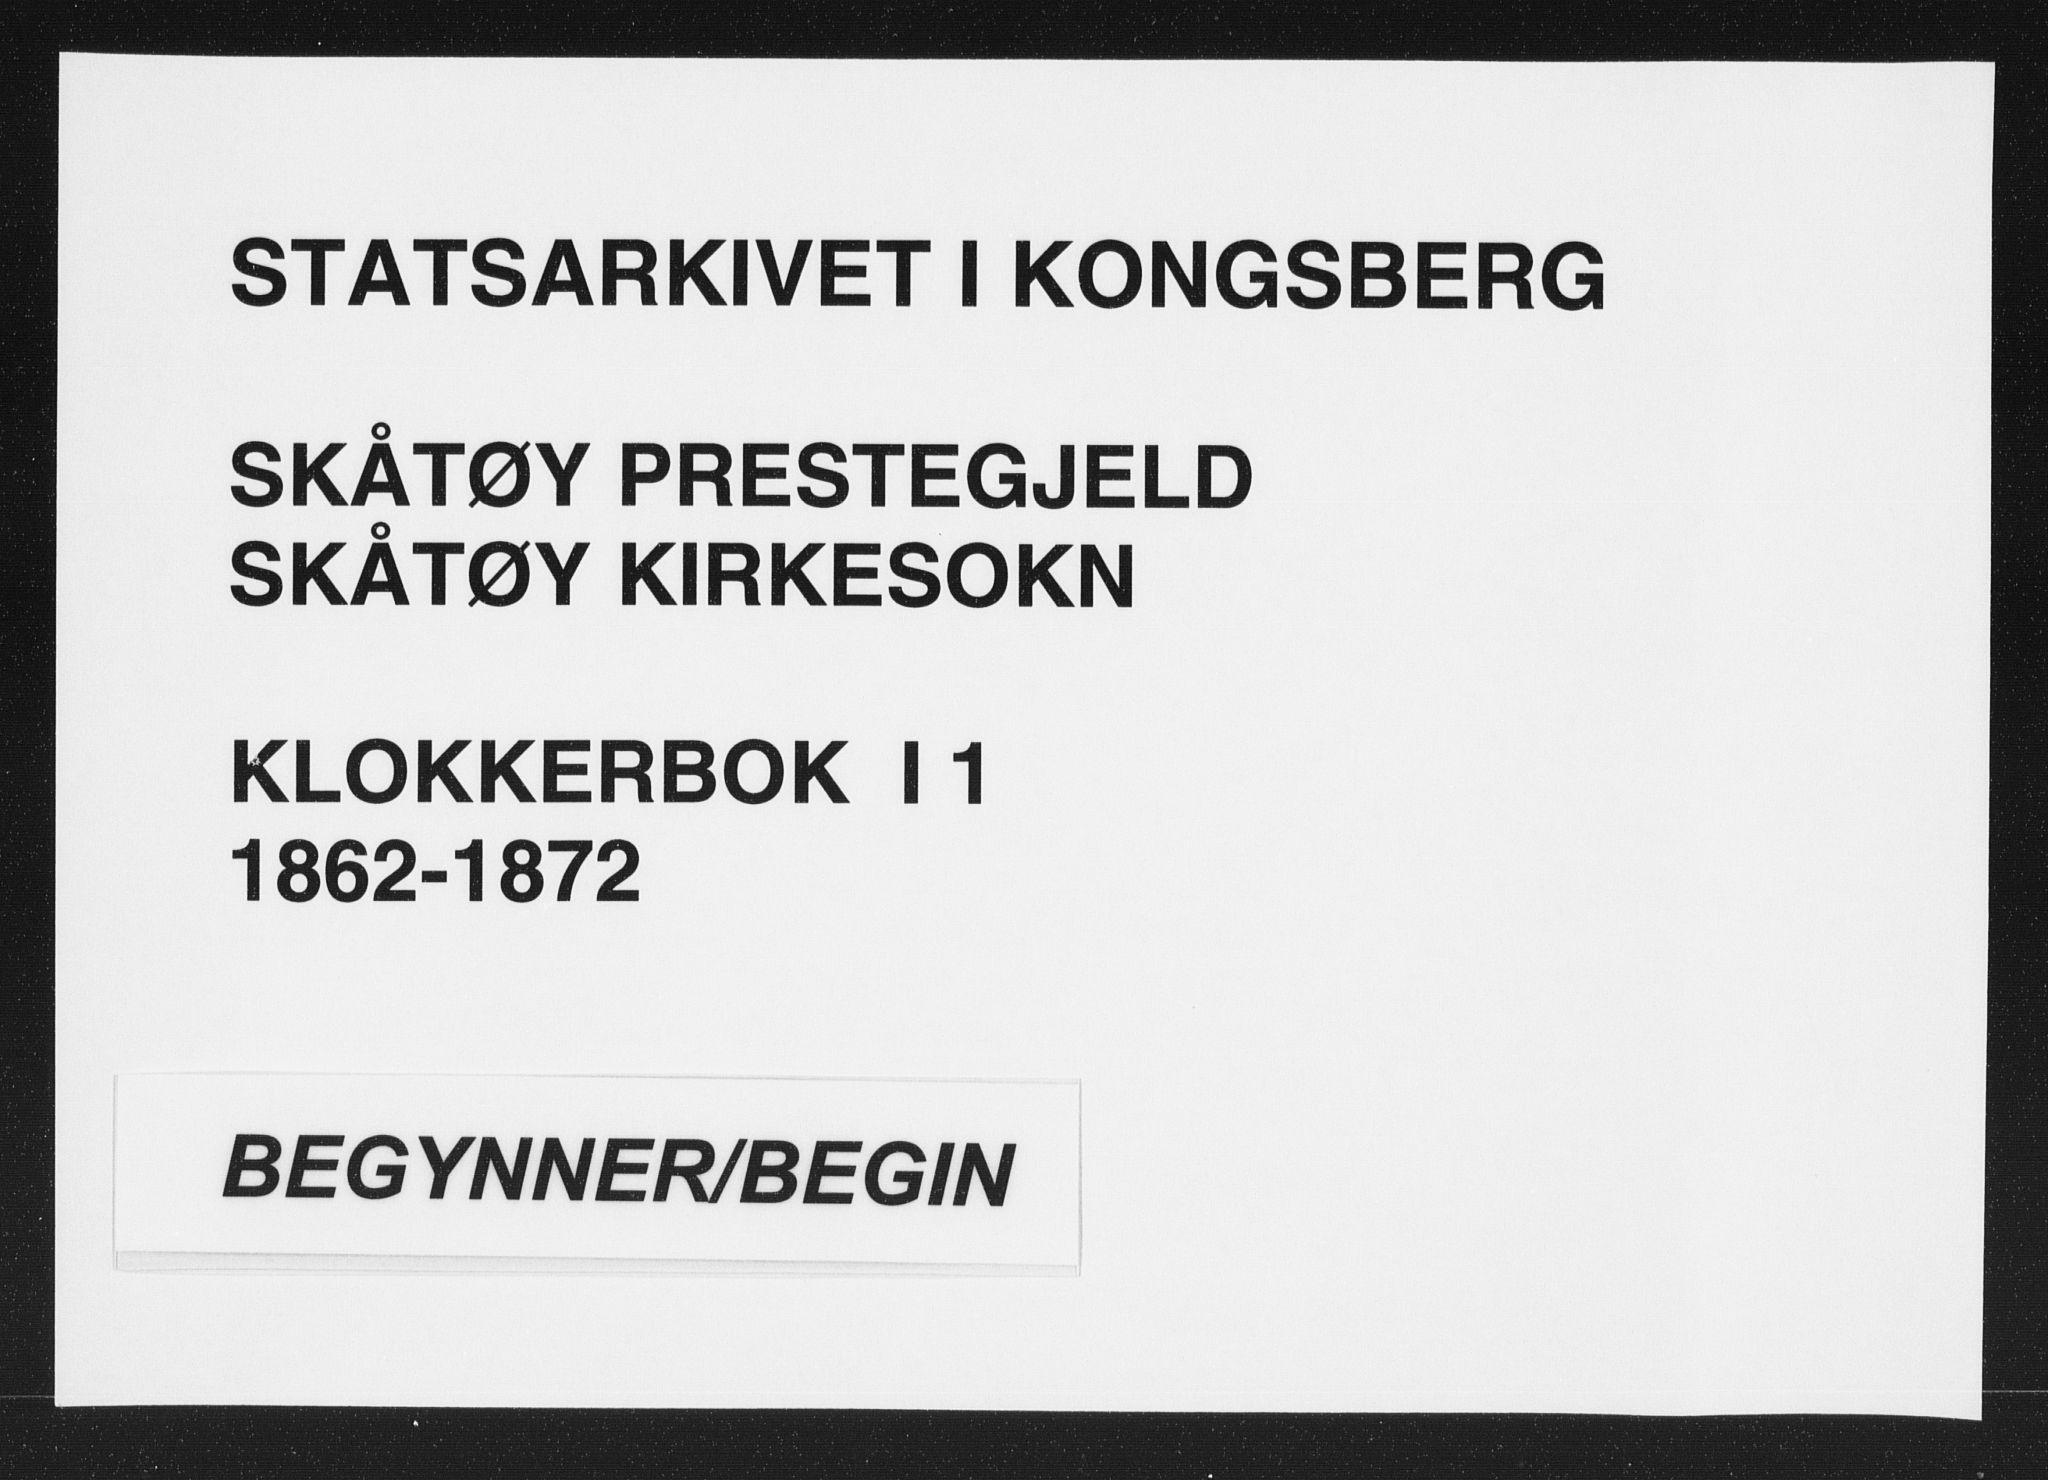 SAKO, Skåtøy kirkebøker, G/Ga/L0001: Klokkerbok nr. I 1, 1862-1872